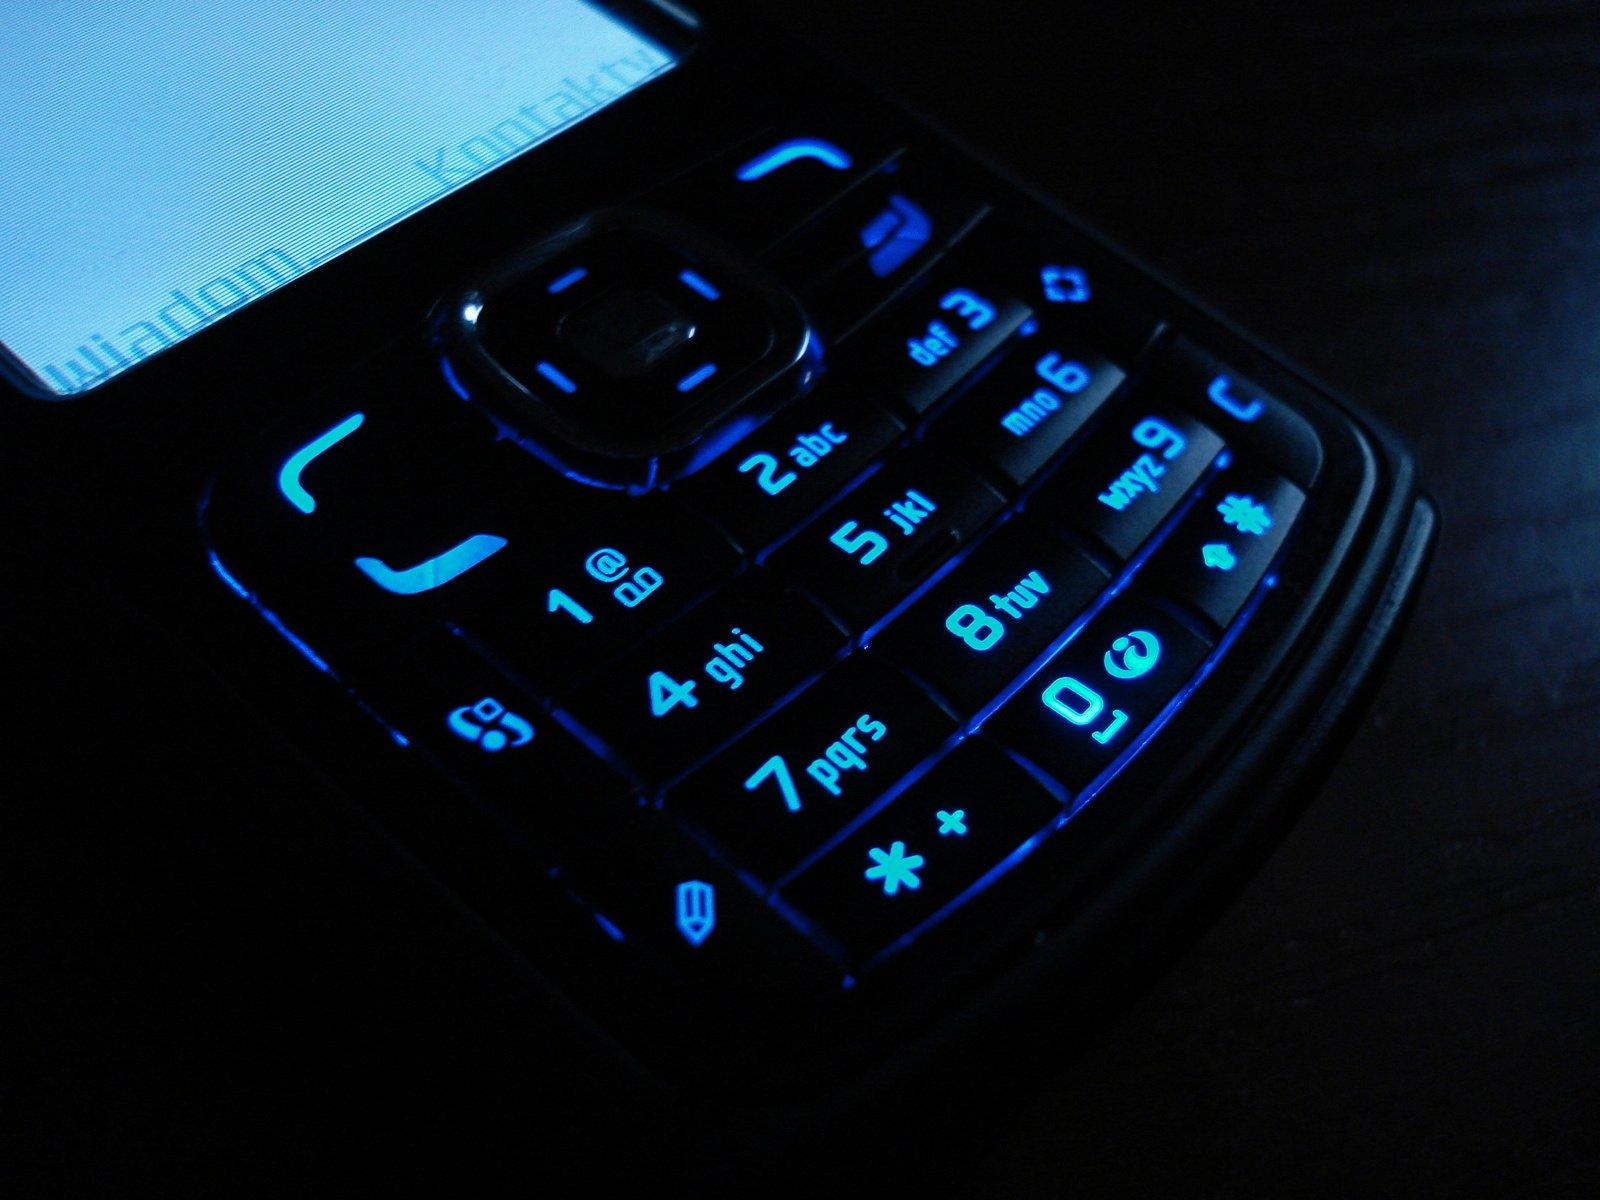 fot.sxc.hu/freeimages.com